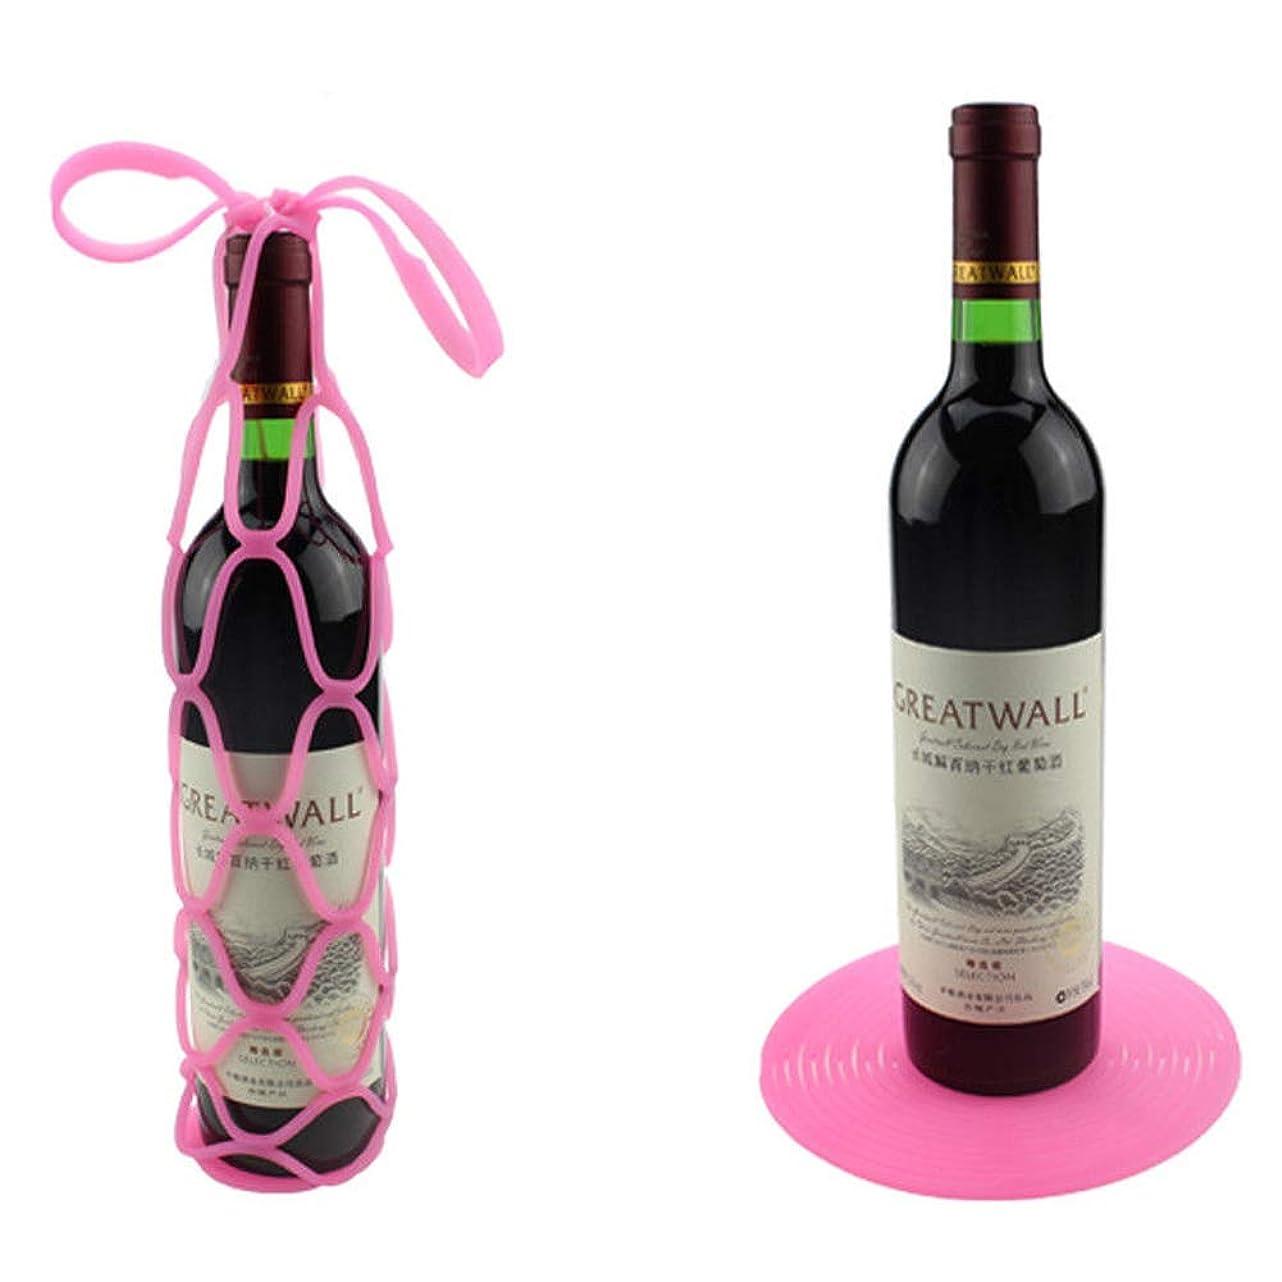 敵意恐れる他の日Happyハッピー耳 ワインカバー 野菜バスケット ボトルカバー ワインバッグ シンプル カラフル シリコン コースター 耐熱 カップ マット カバー 持ち便利 (ピンク)